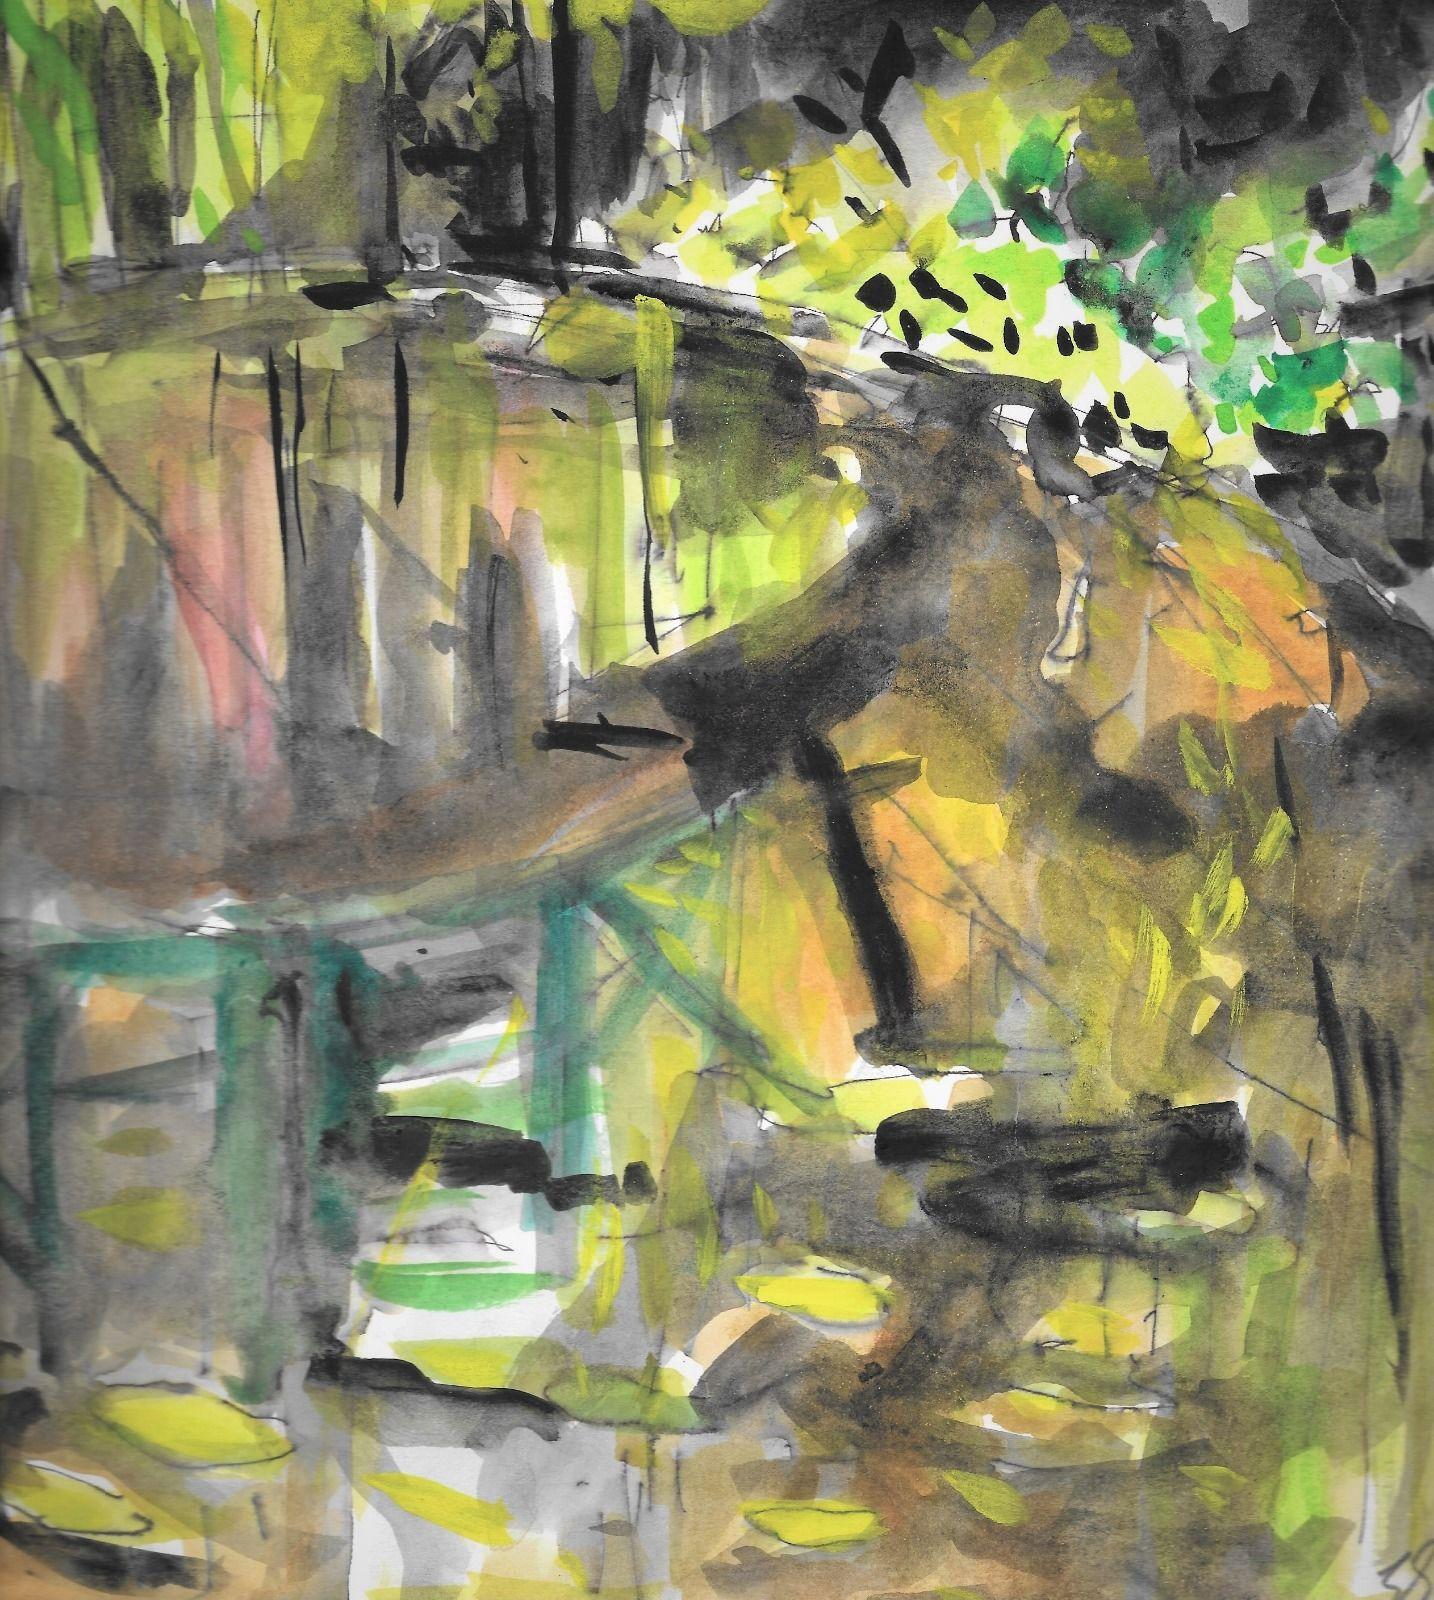 Friern Barnet Pond*